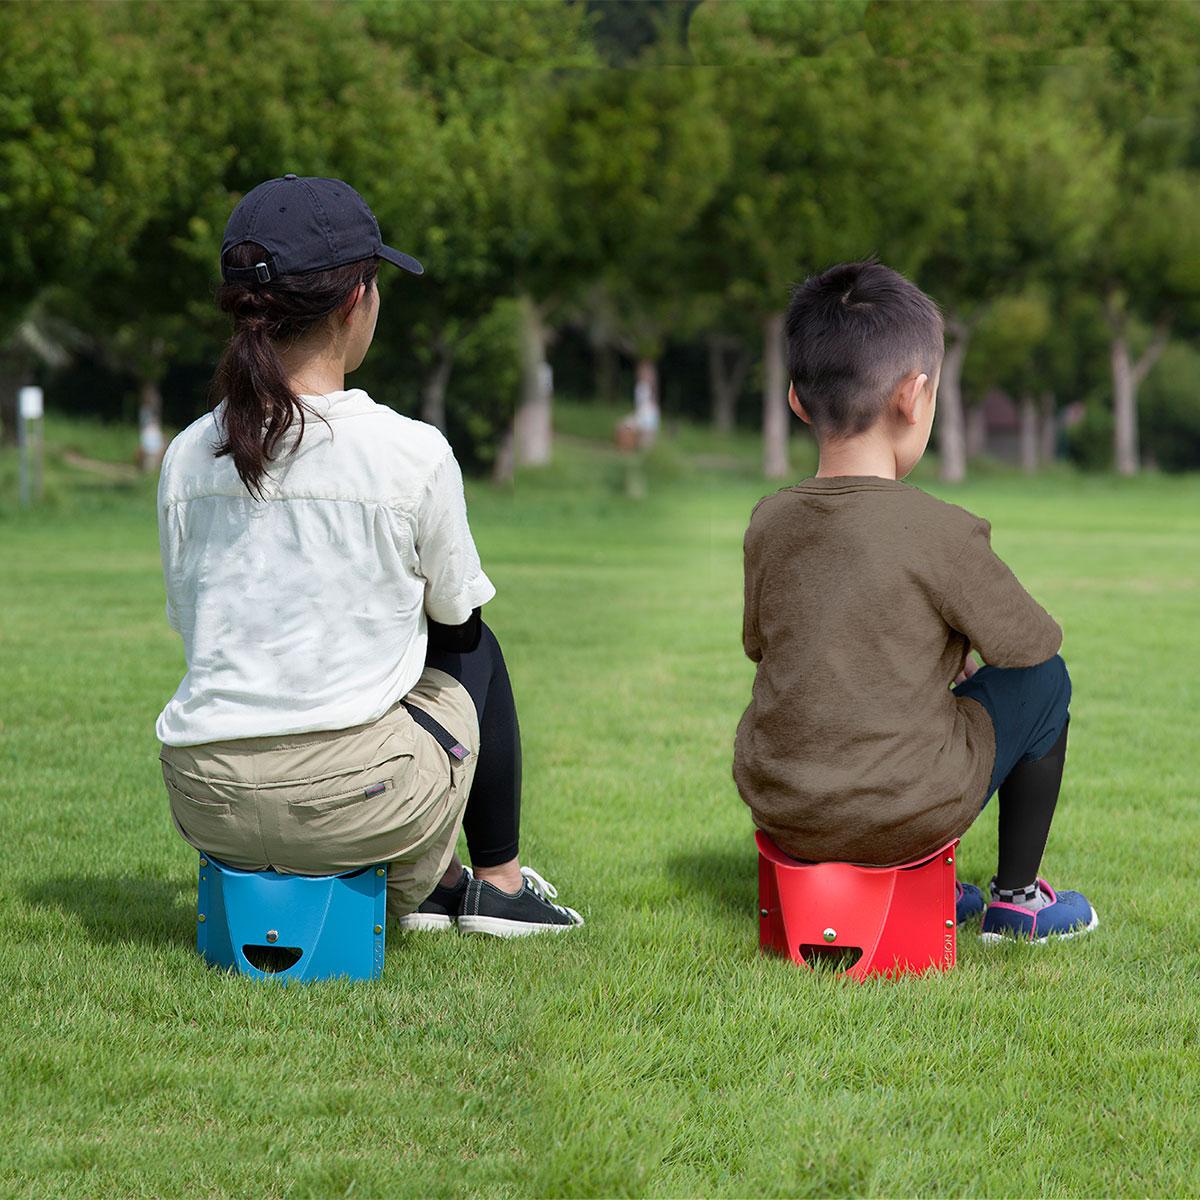 ピクニック、運動会、バーベキューなど、幅広いシーンで重宝。軽くて丈夫なのにコンパクトに薄く畳める、どこにでも持ち歩けるイス|PATATTO